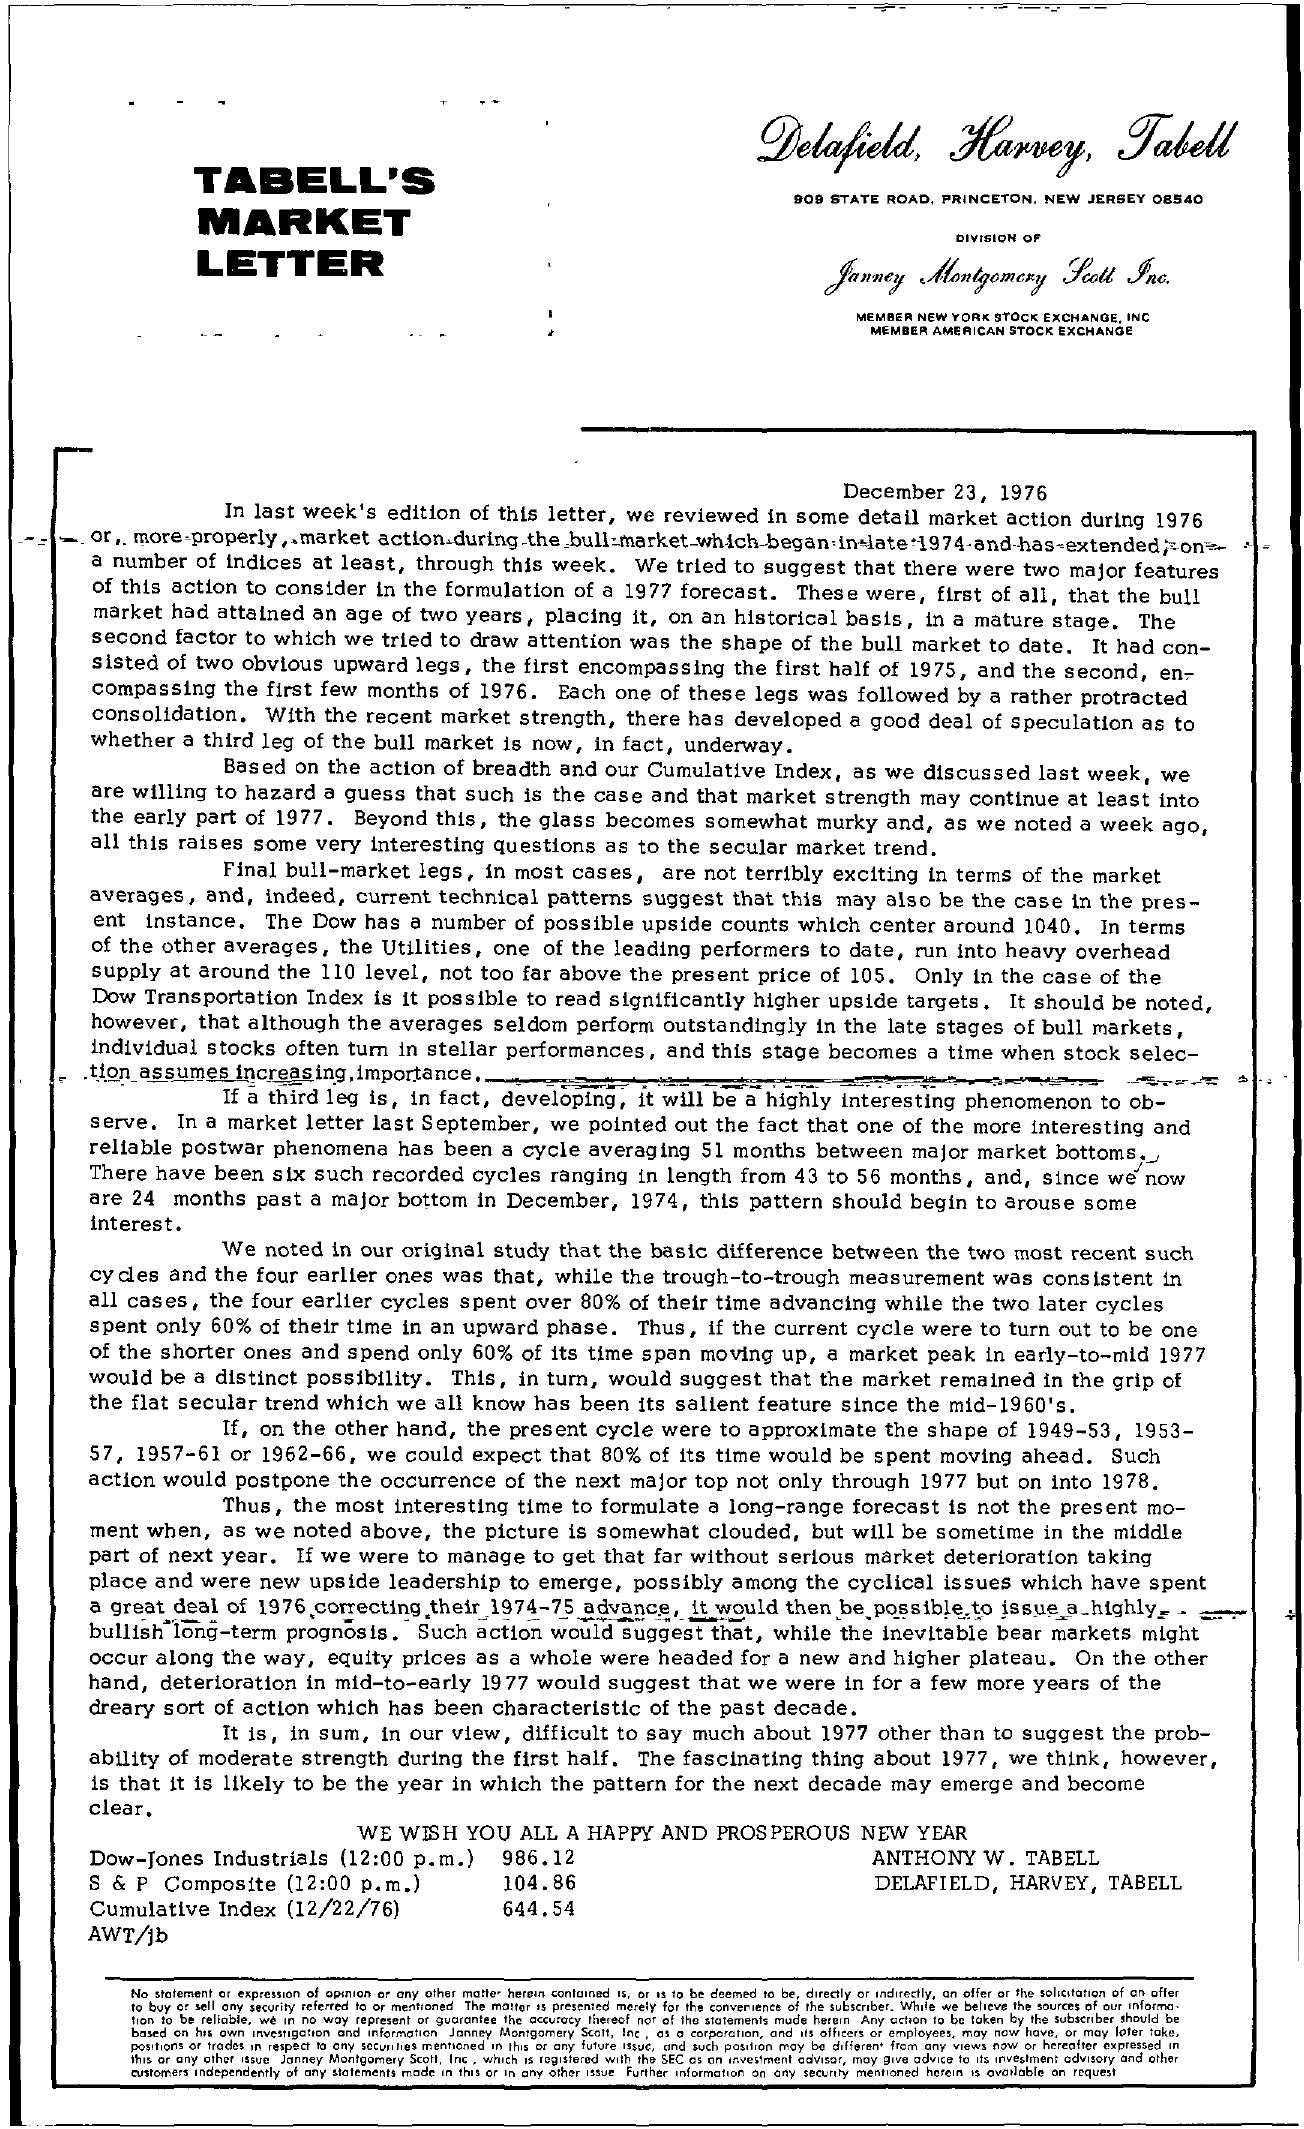 Tabell's Market Letter - December 23, 1976